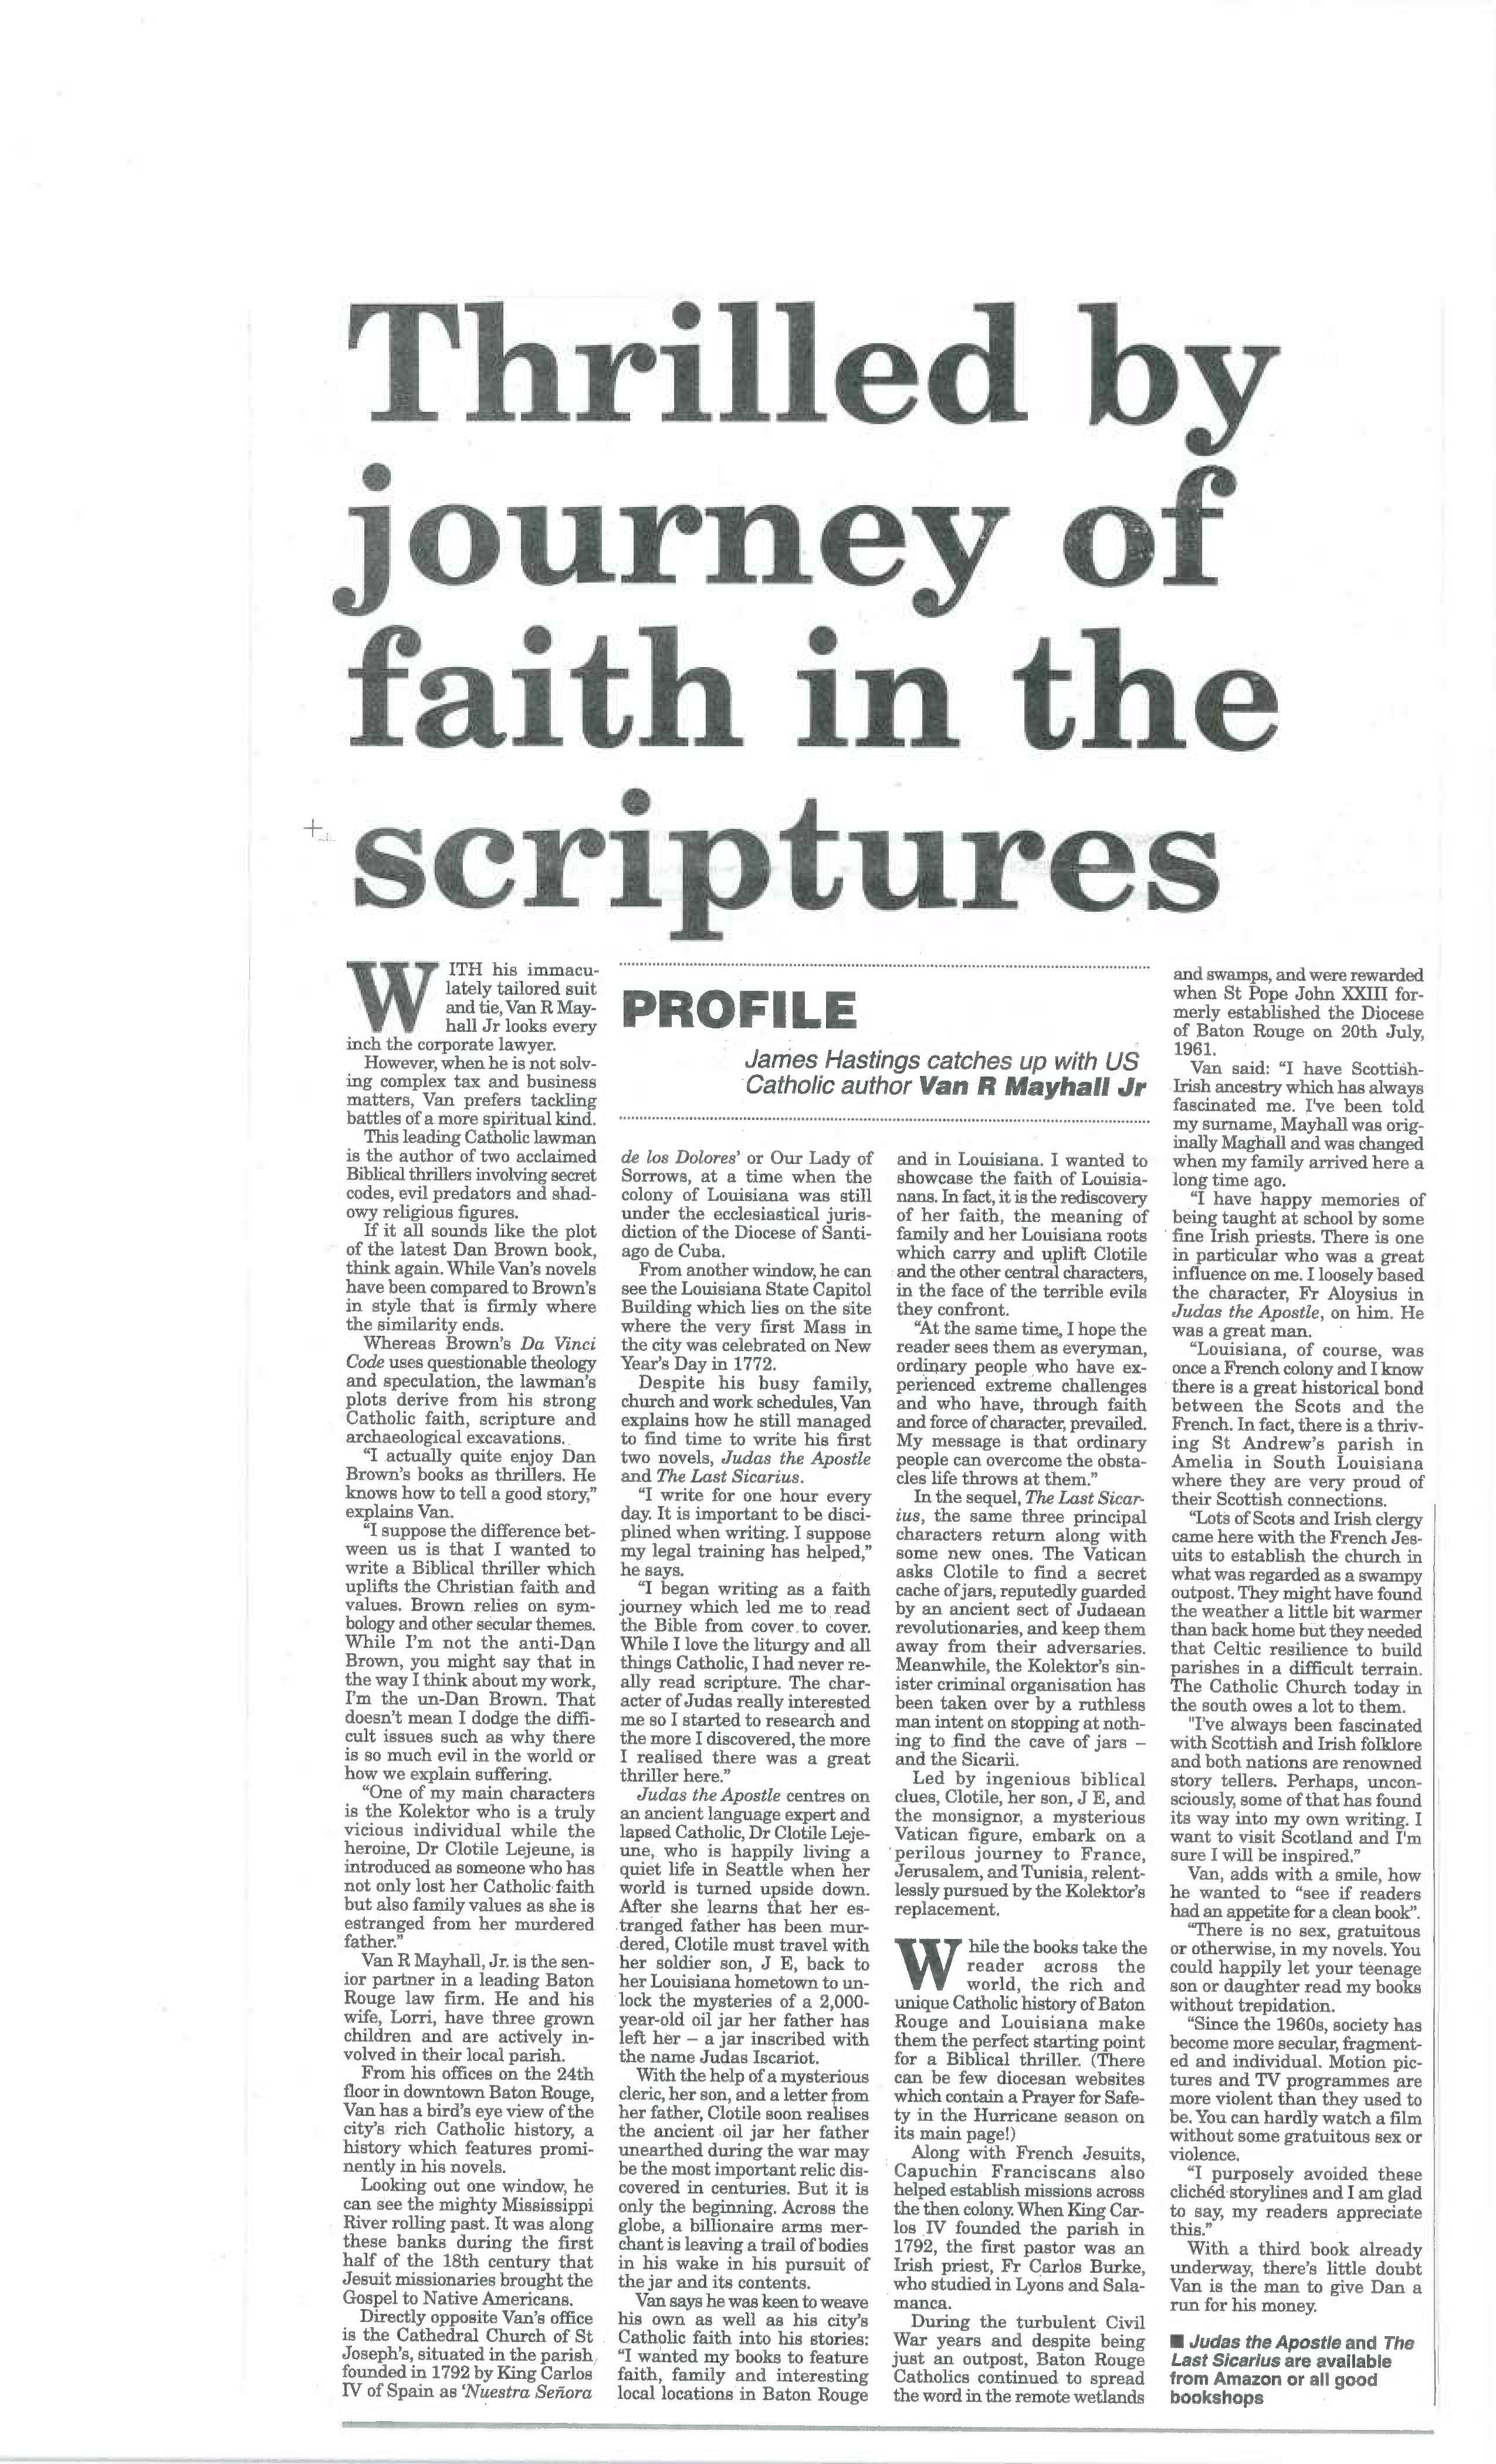 journey of faith in scriptures Van Mayhall